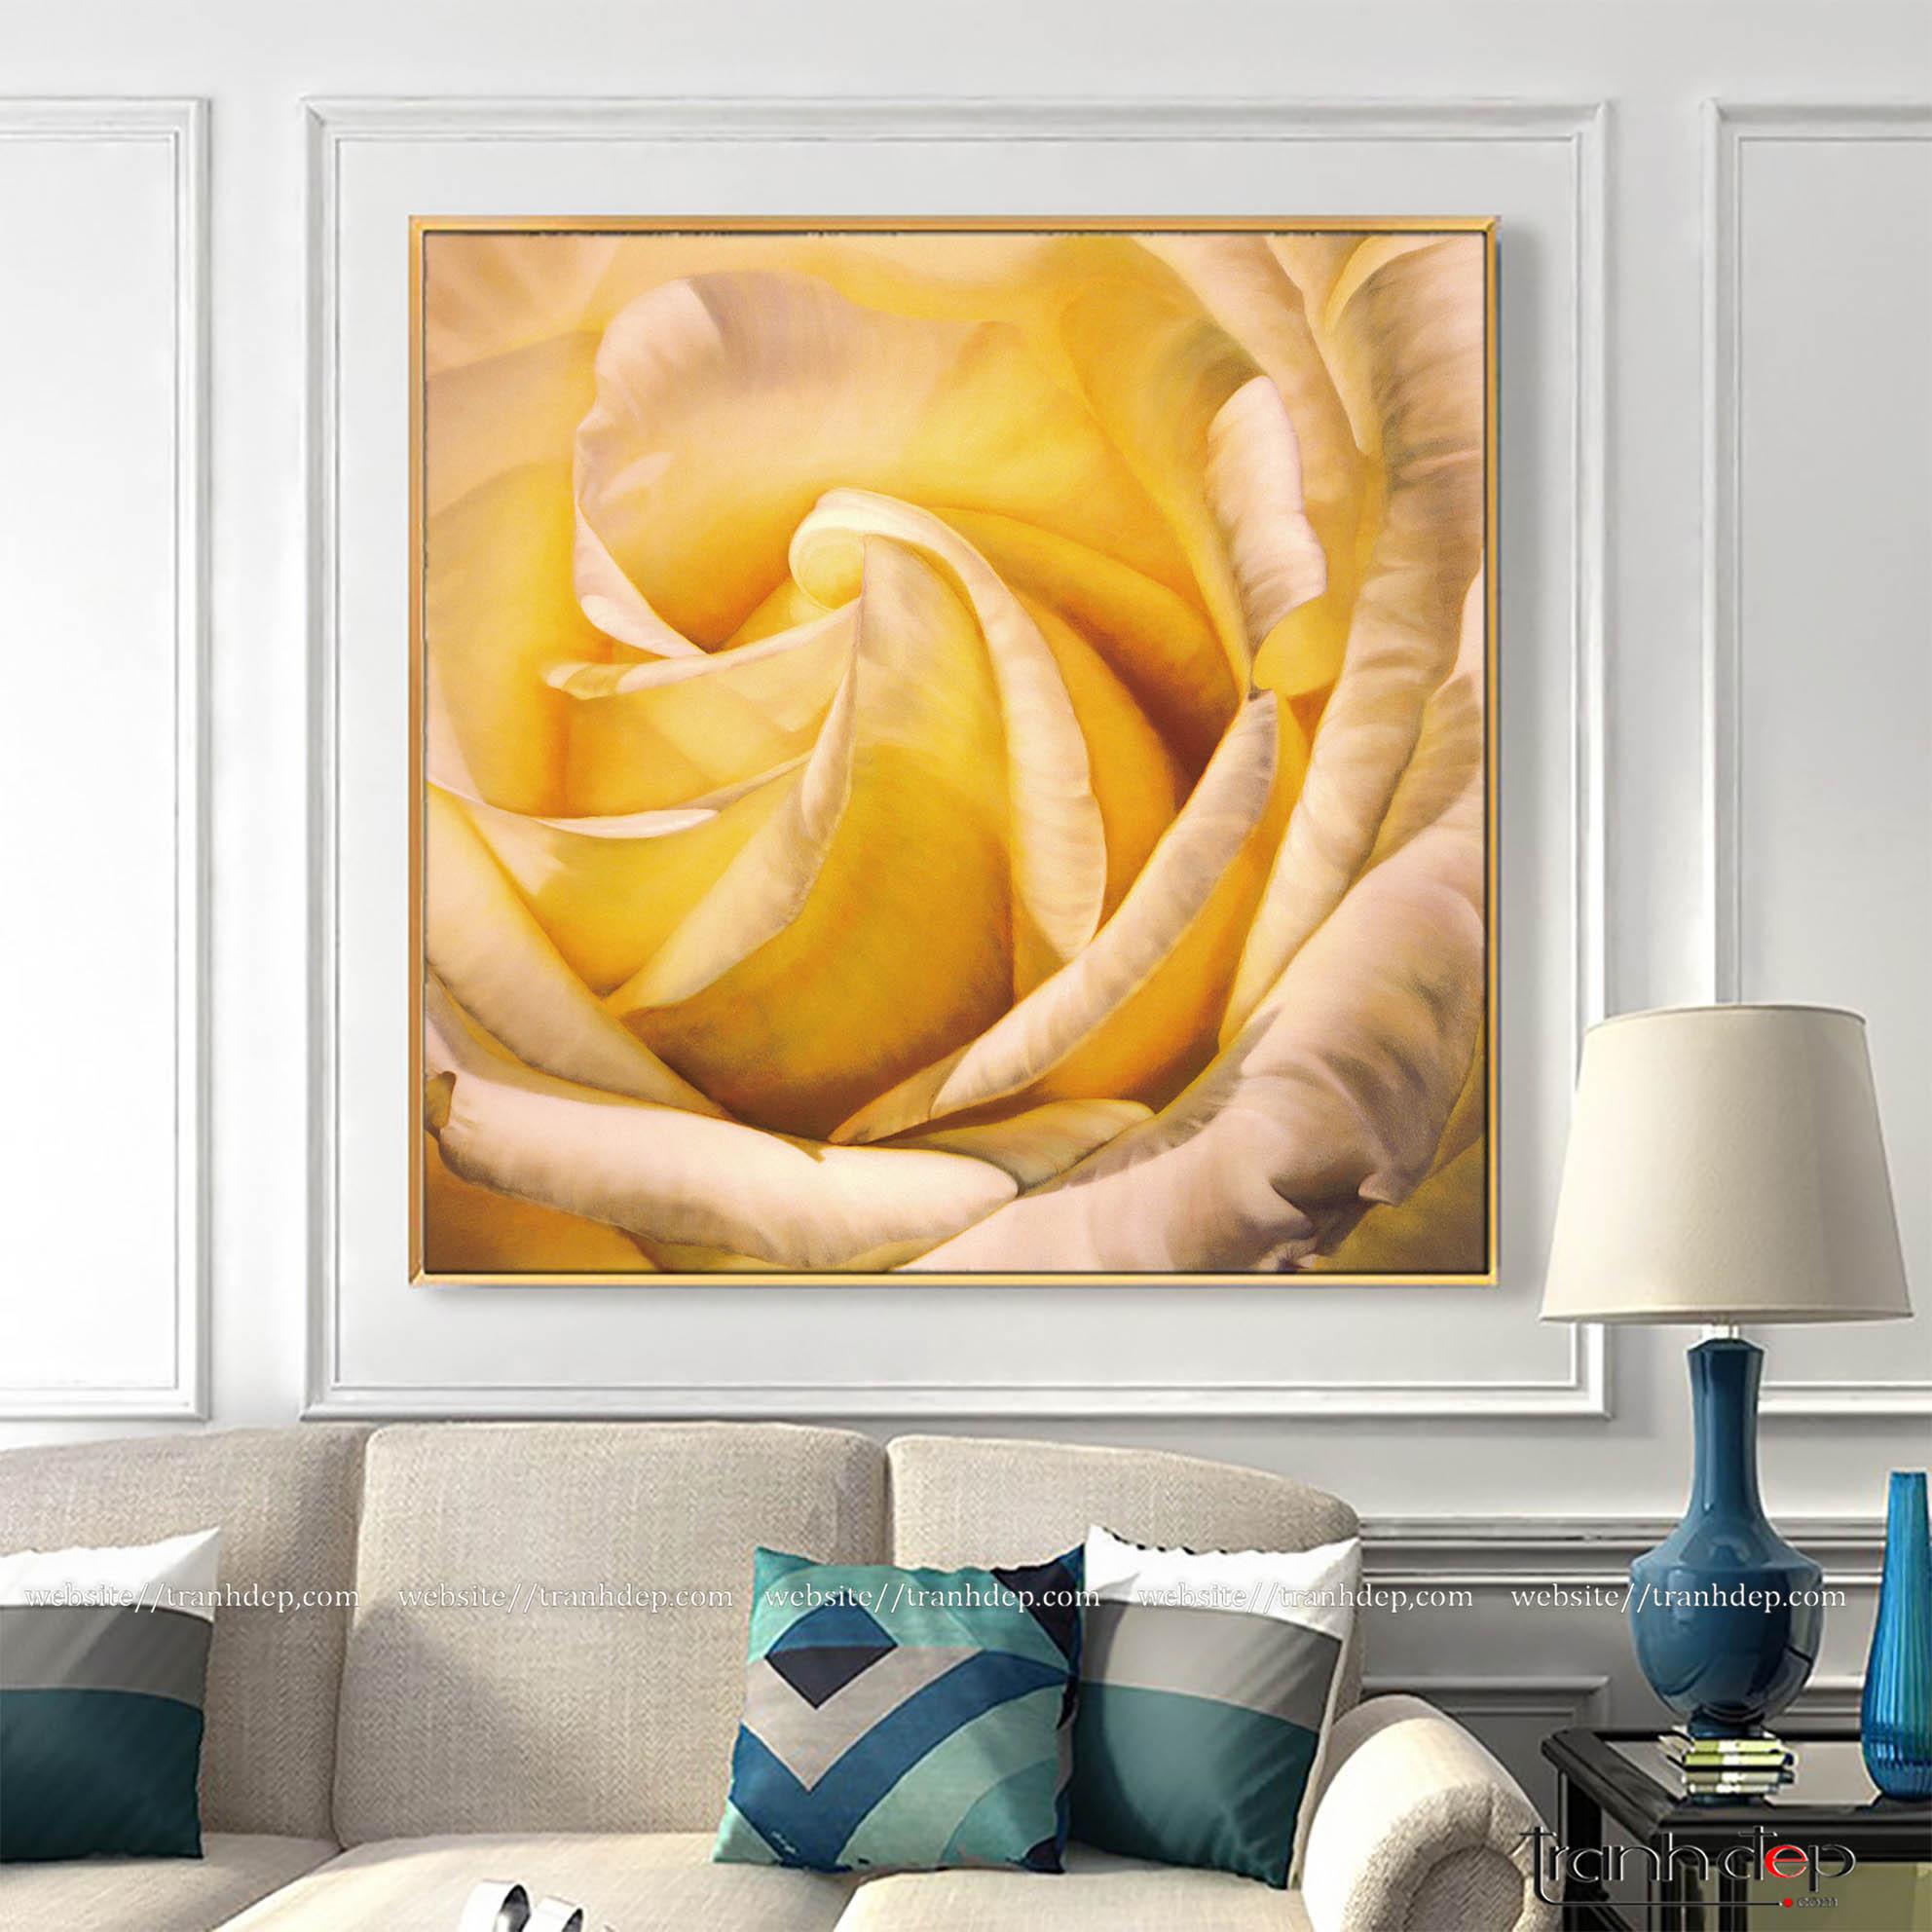 Tranh hoa hồng vàng trang trí tường